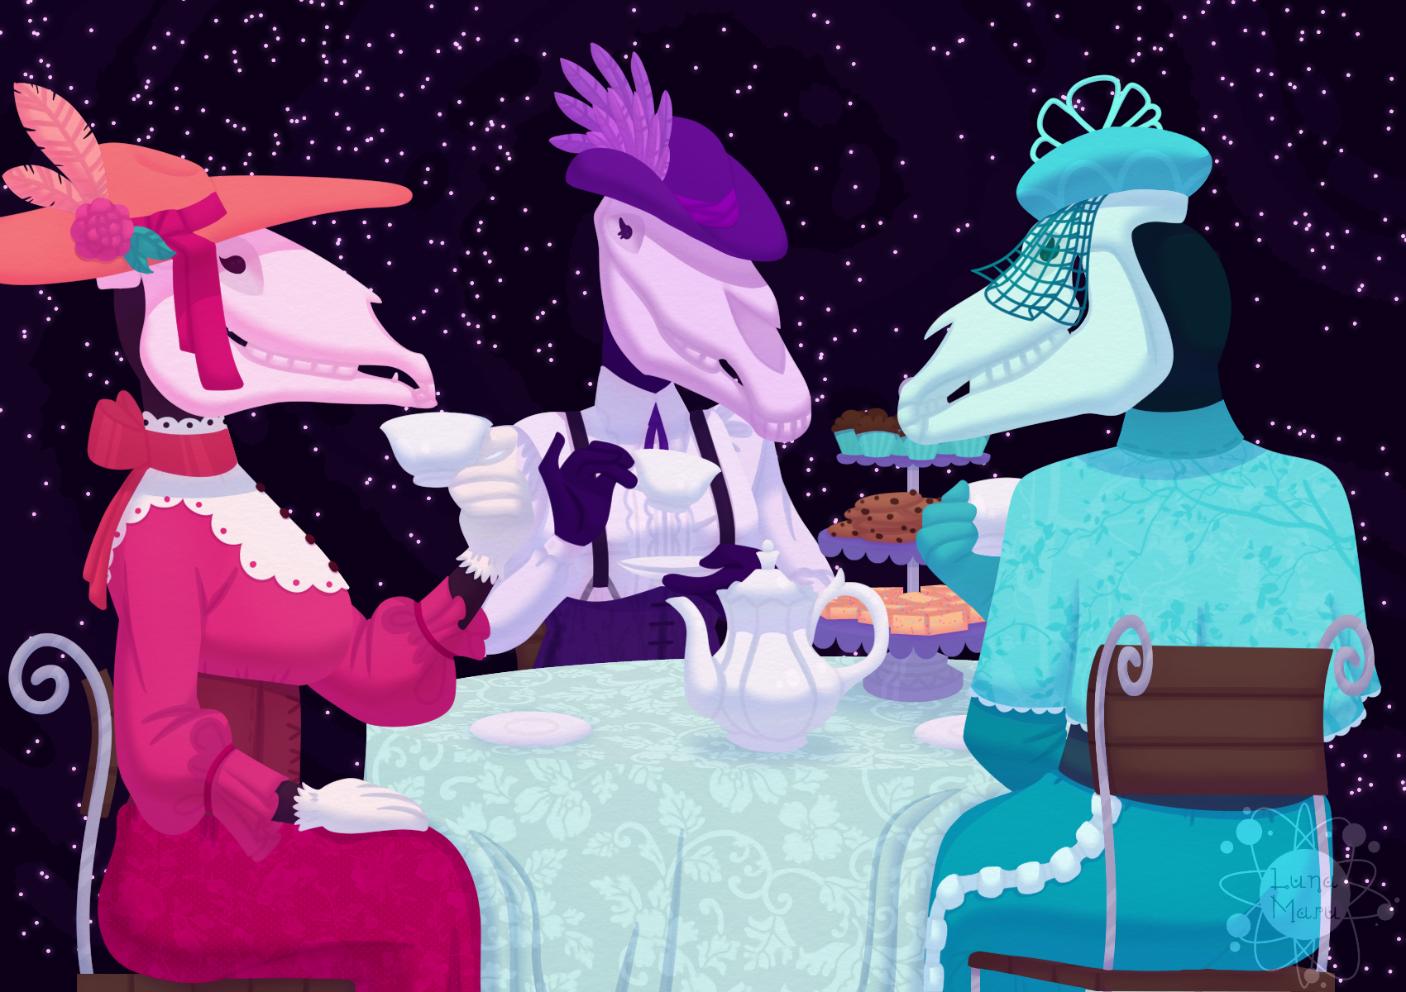 Ein Bild, das Tisch, Kuchen, sitzend, Frau enthält.  Automatisch generierte Beschreibung